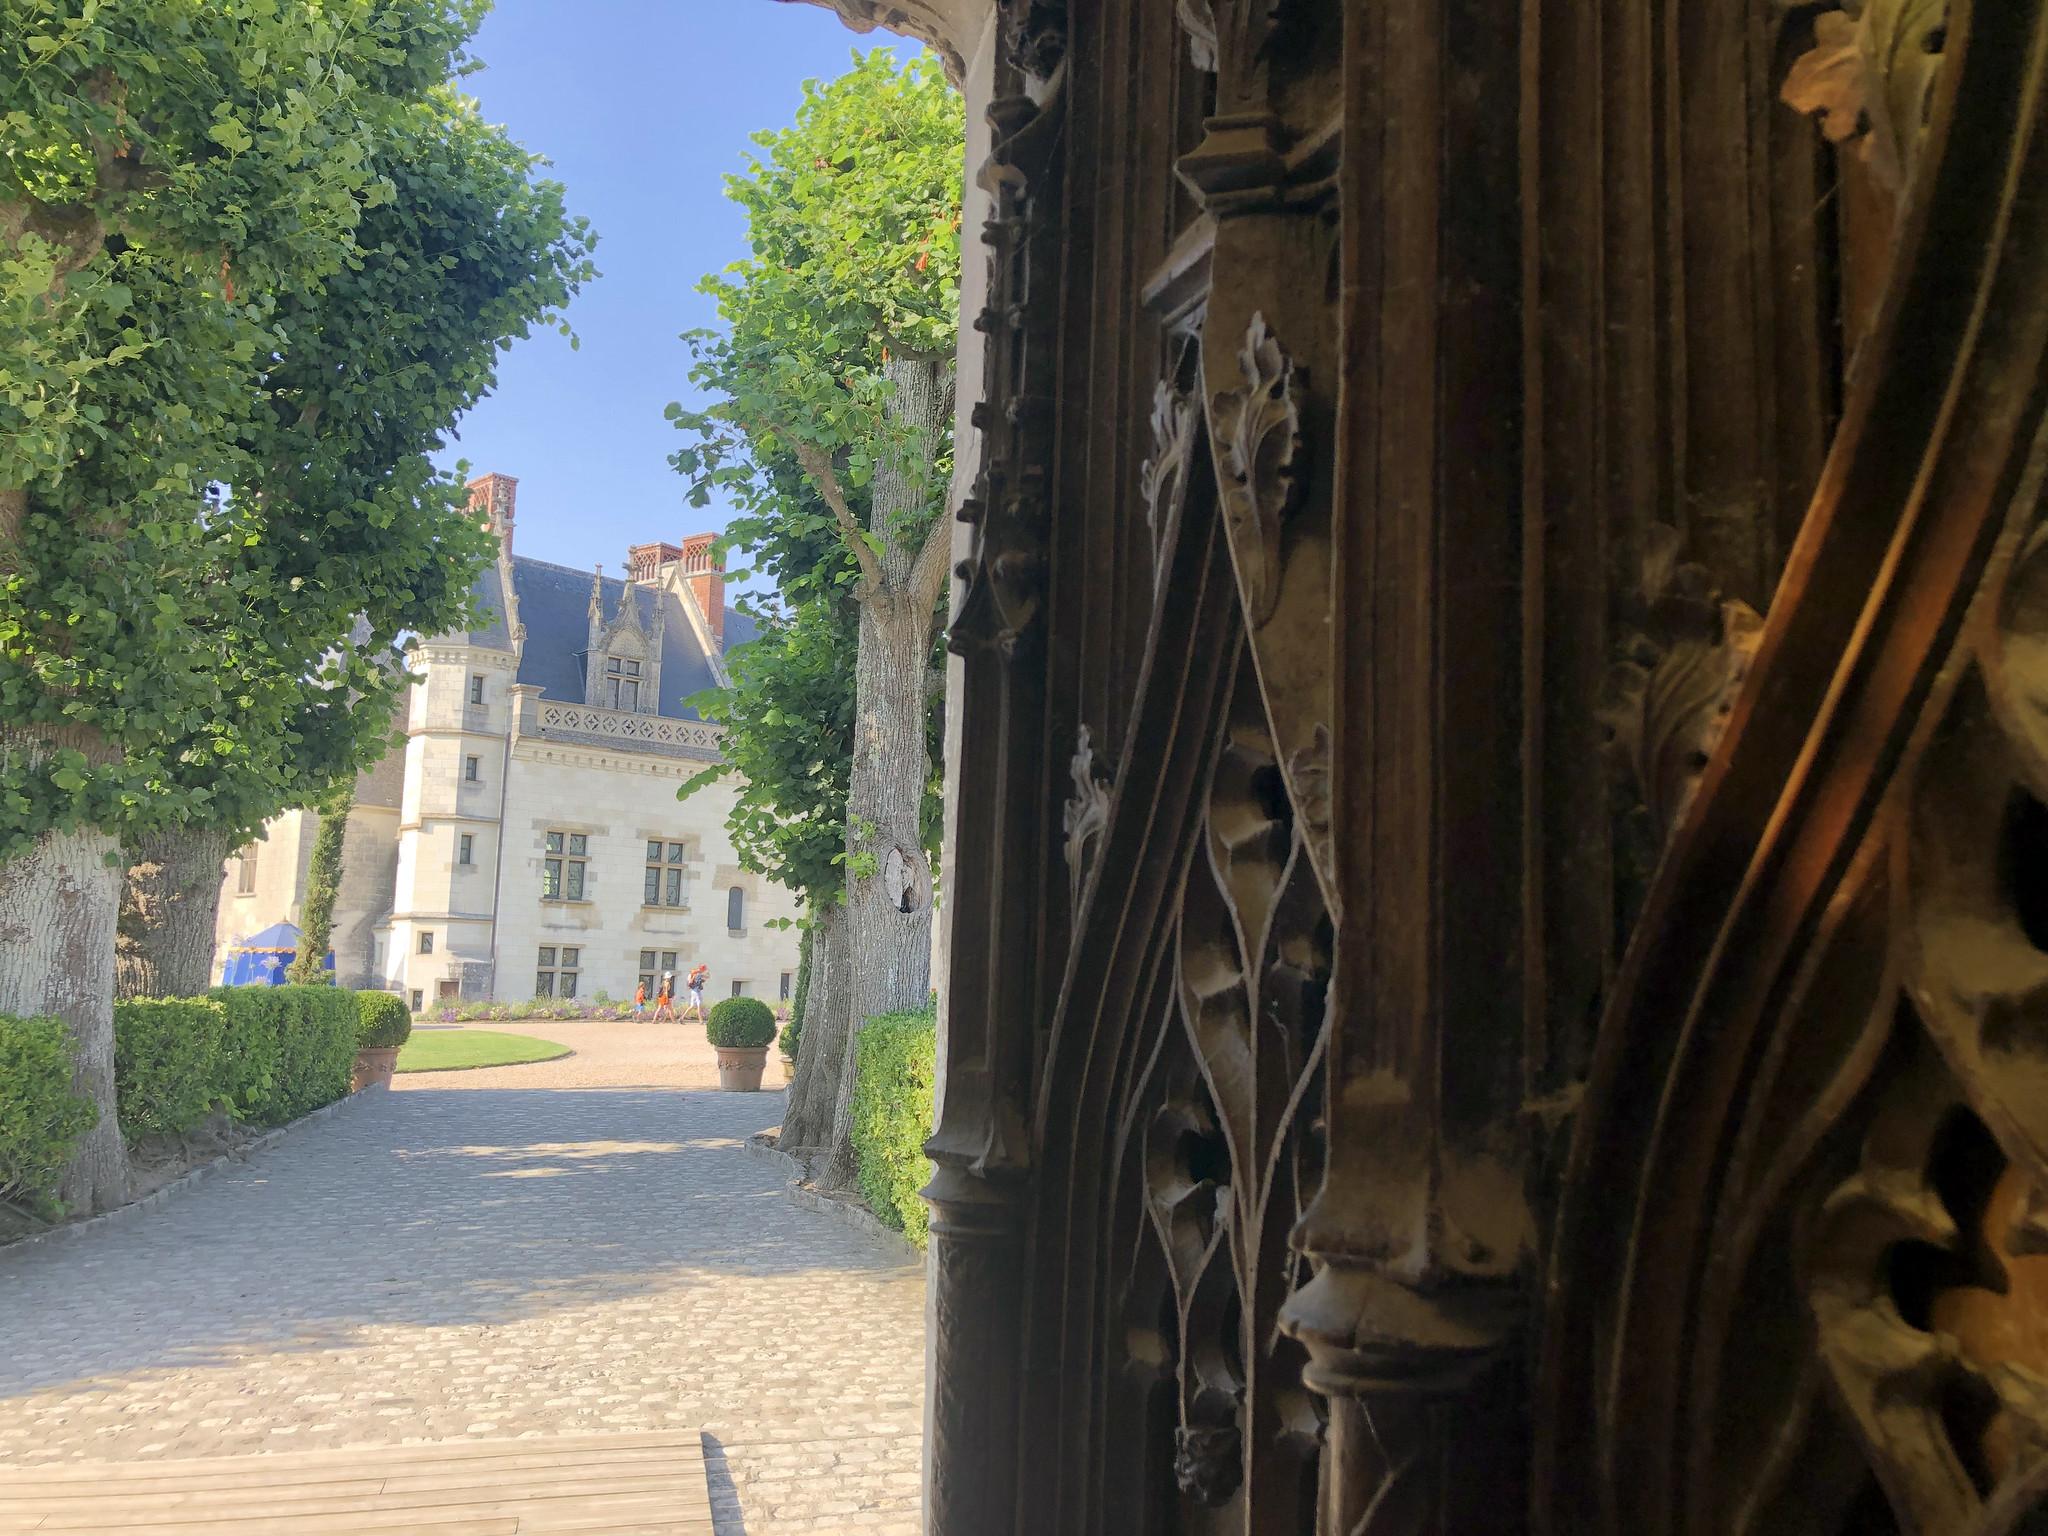 Valle del Loira en 2 días, Francia - Amboise, Tours, Chenonceau valle del loira en 2 días - 48643803036 7b307b58d6 k - Valle del Loira en 2 días